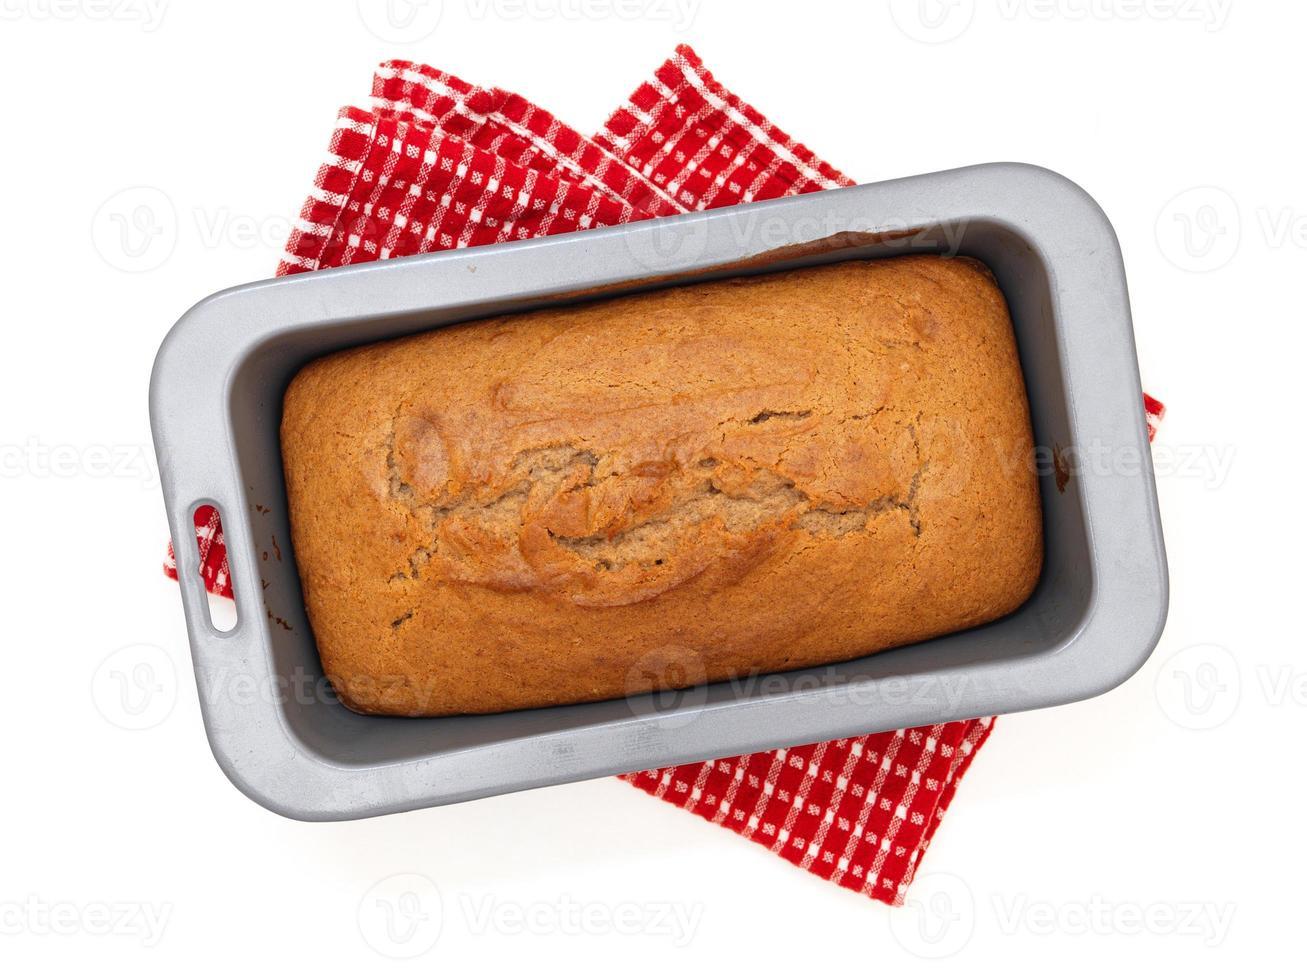 torta al forno foto